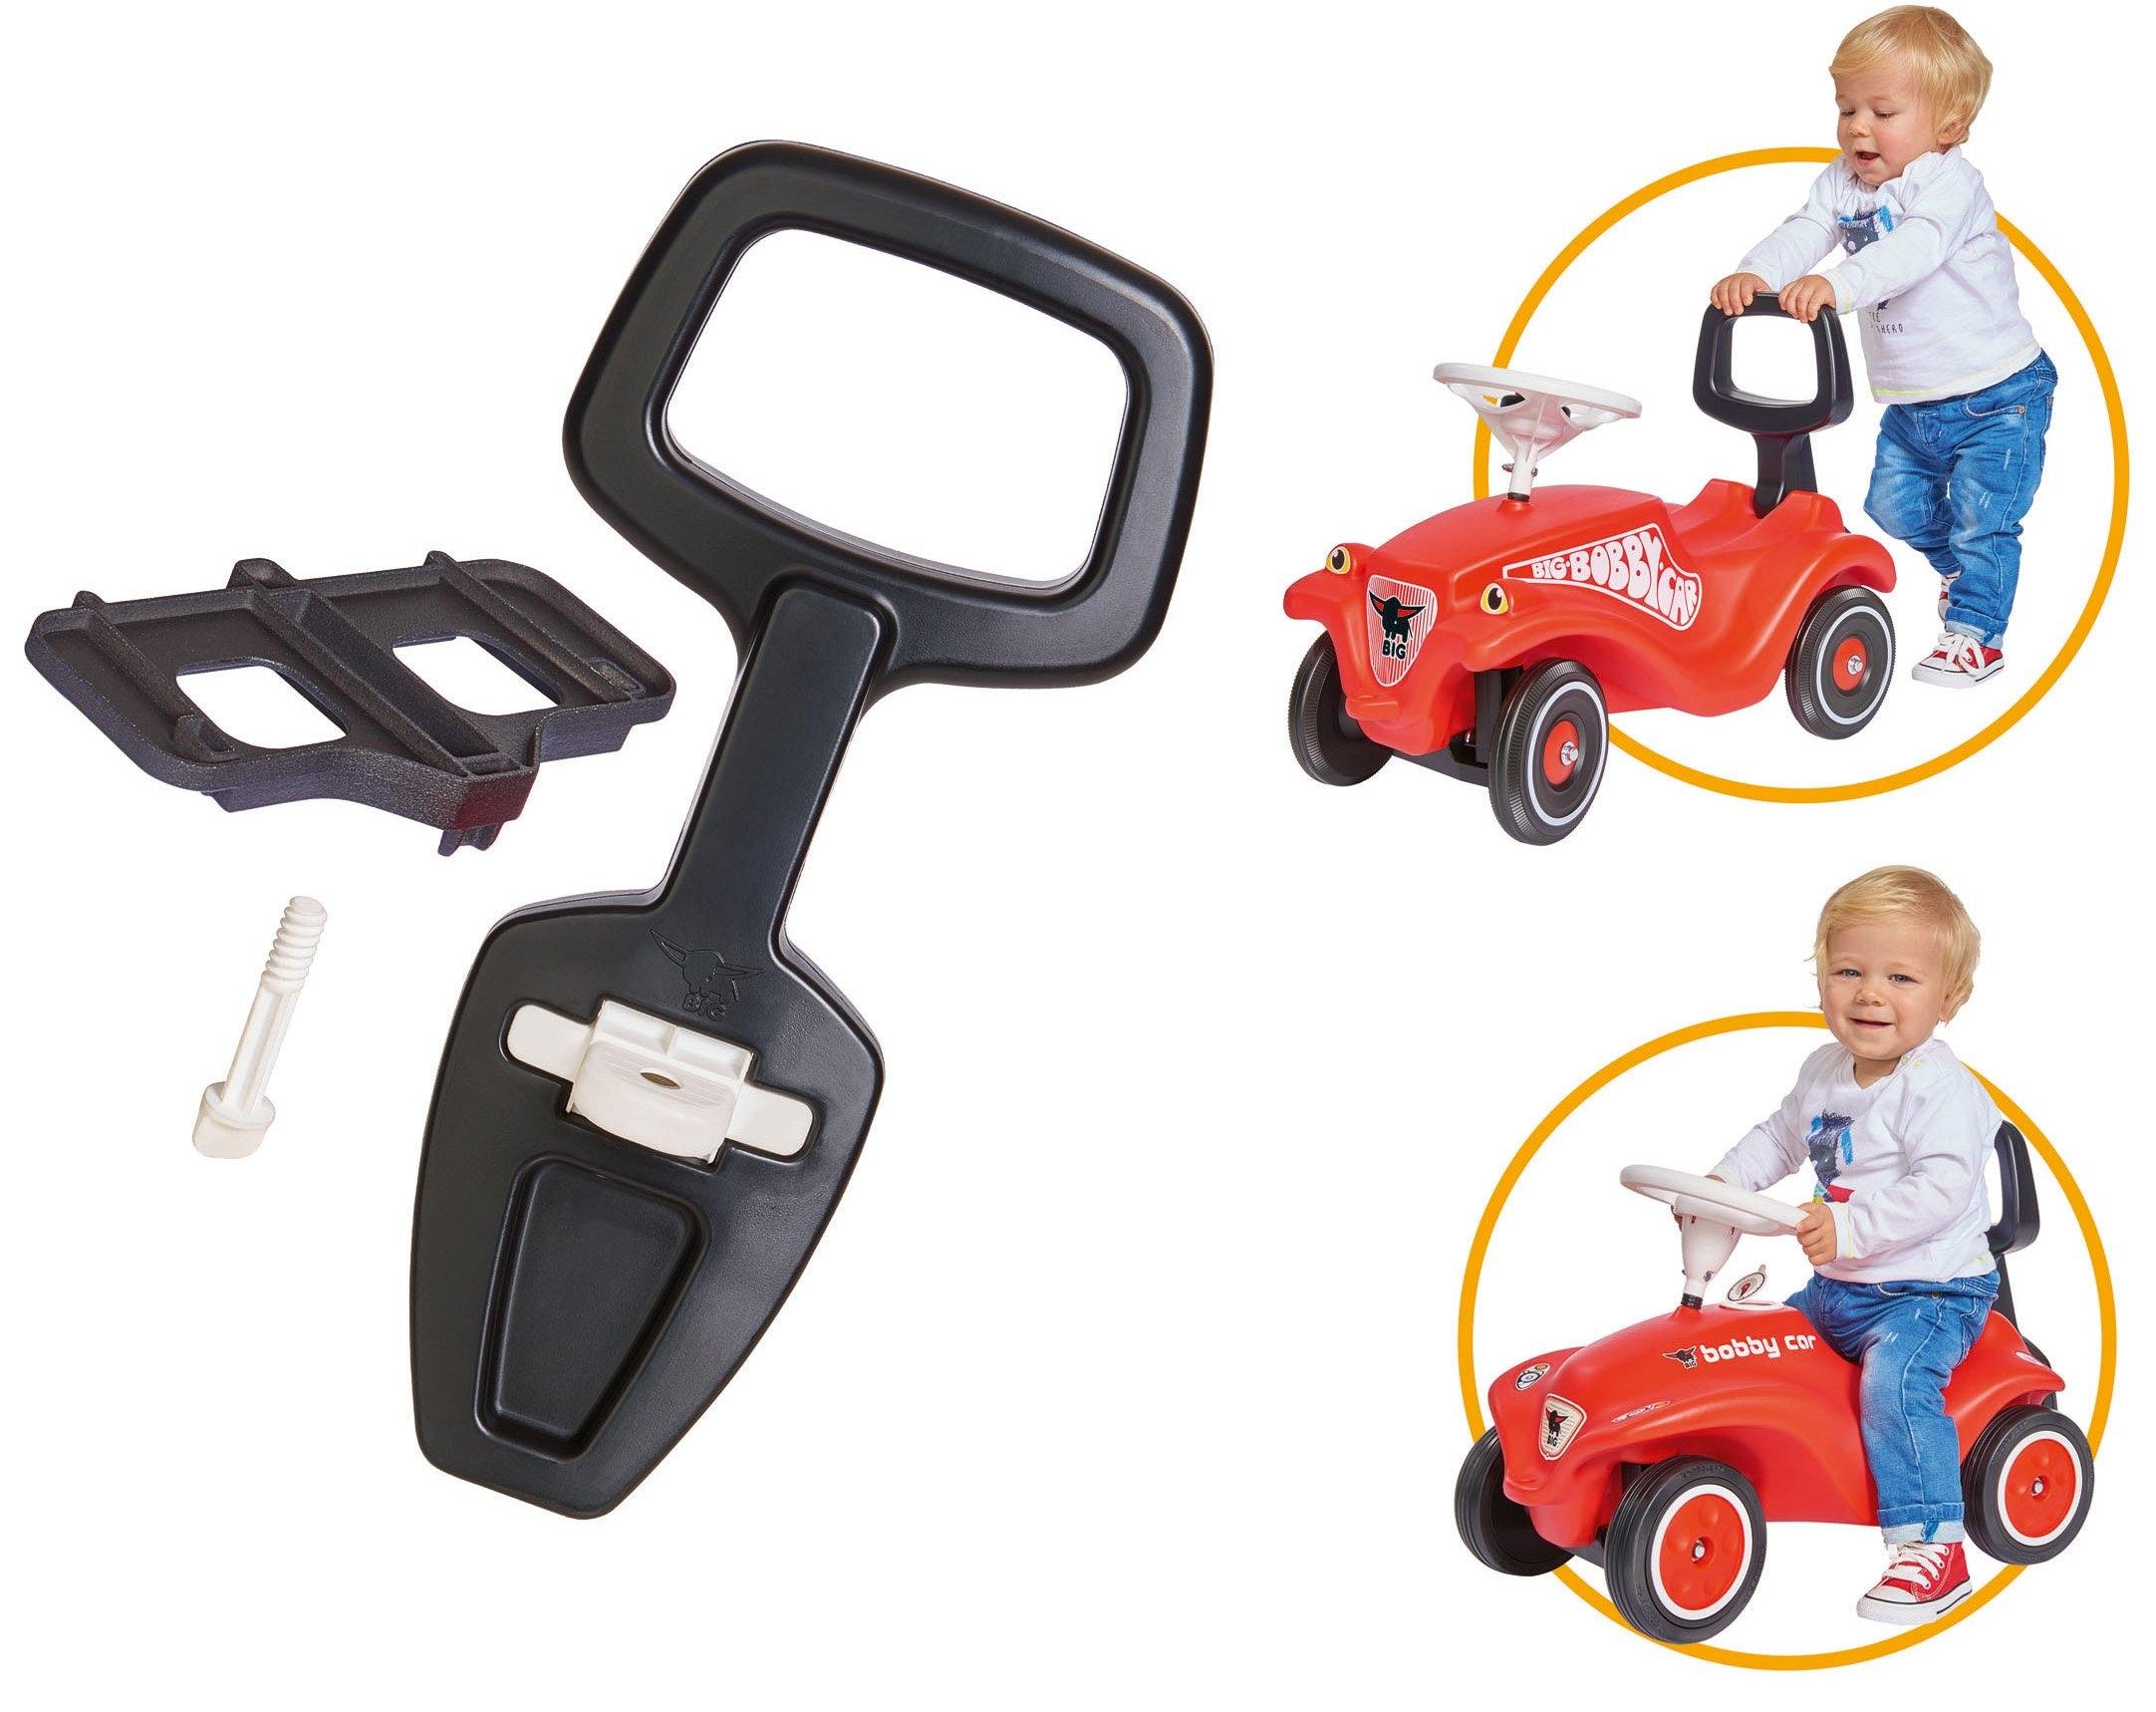 Big 2-in-1 rugsteun en hulp om te leren lopen, »BIG Bobby Car Walker 2-in-1 accessoires« goedkoop op otto.nl kopen